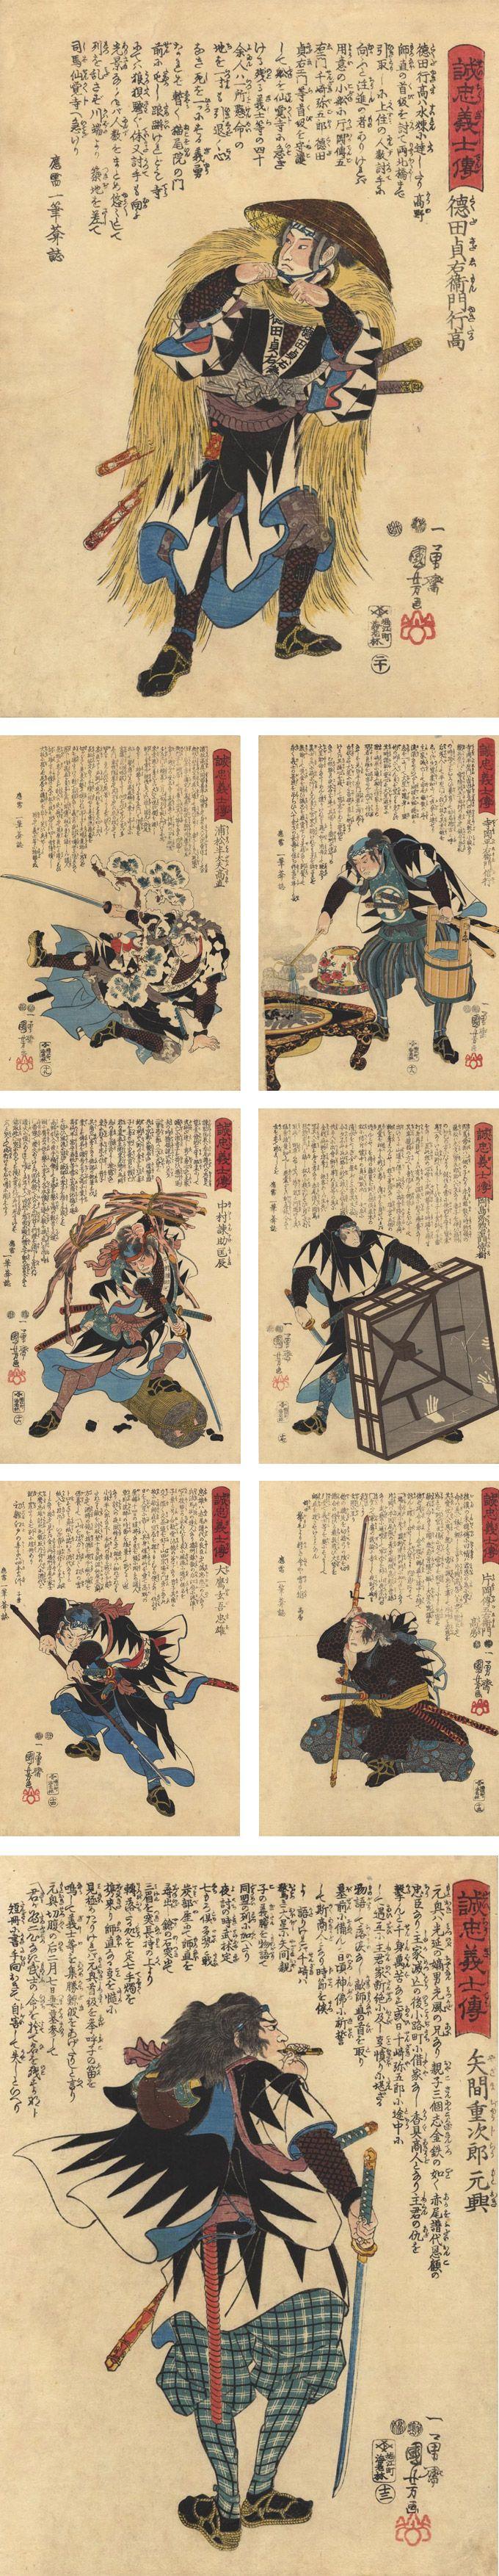 La storia dei 47 Ronin | Japan Coolture